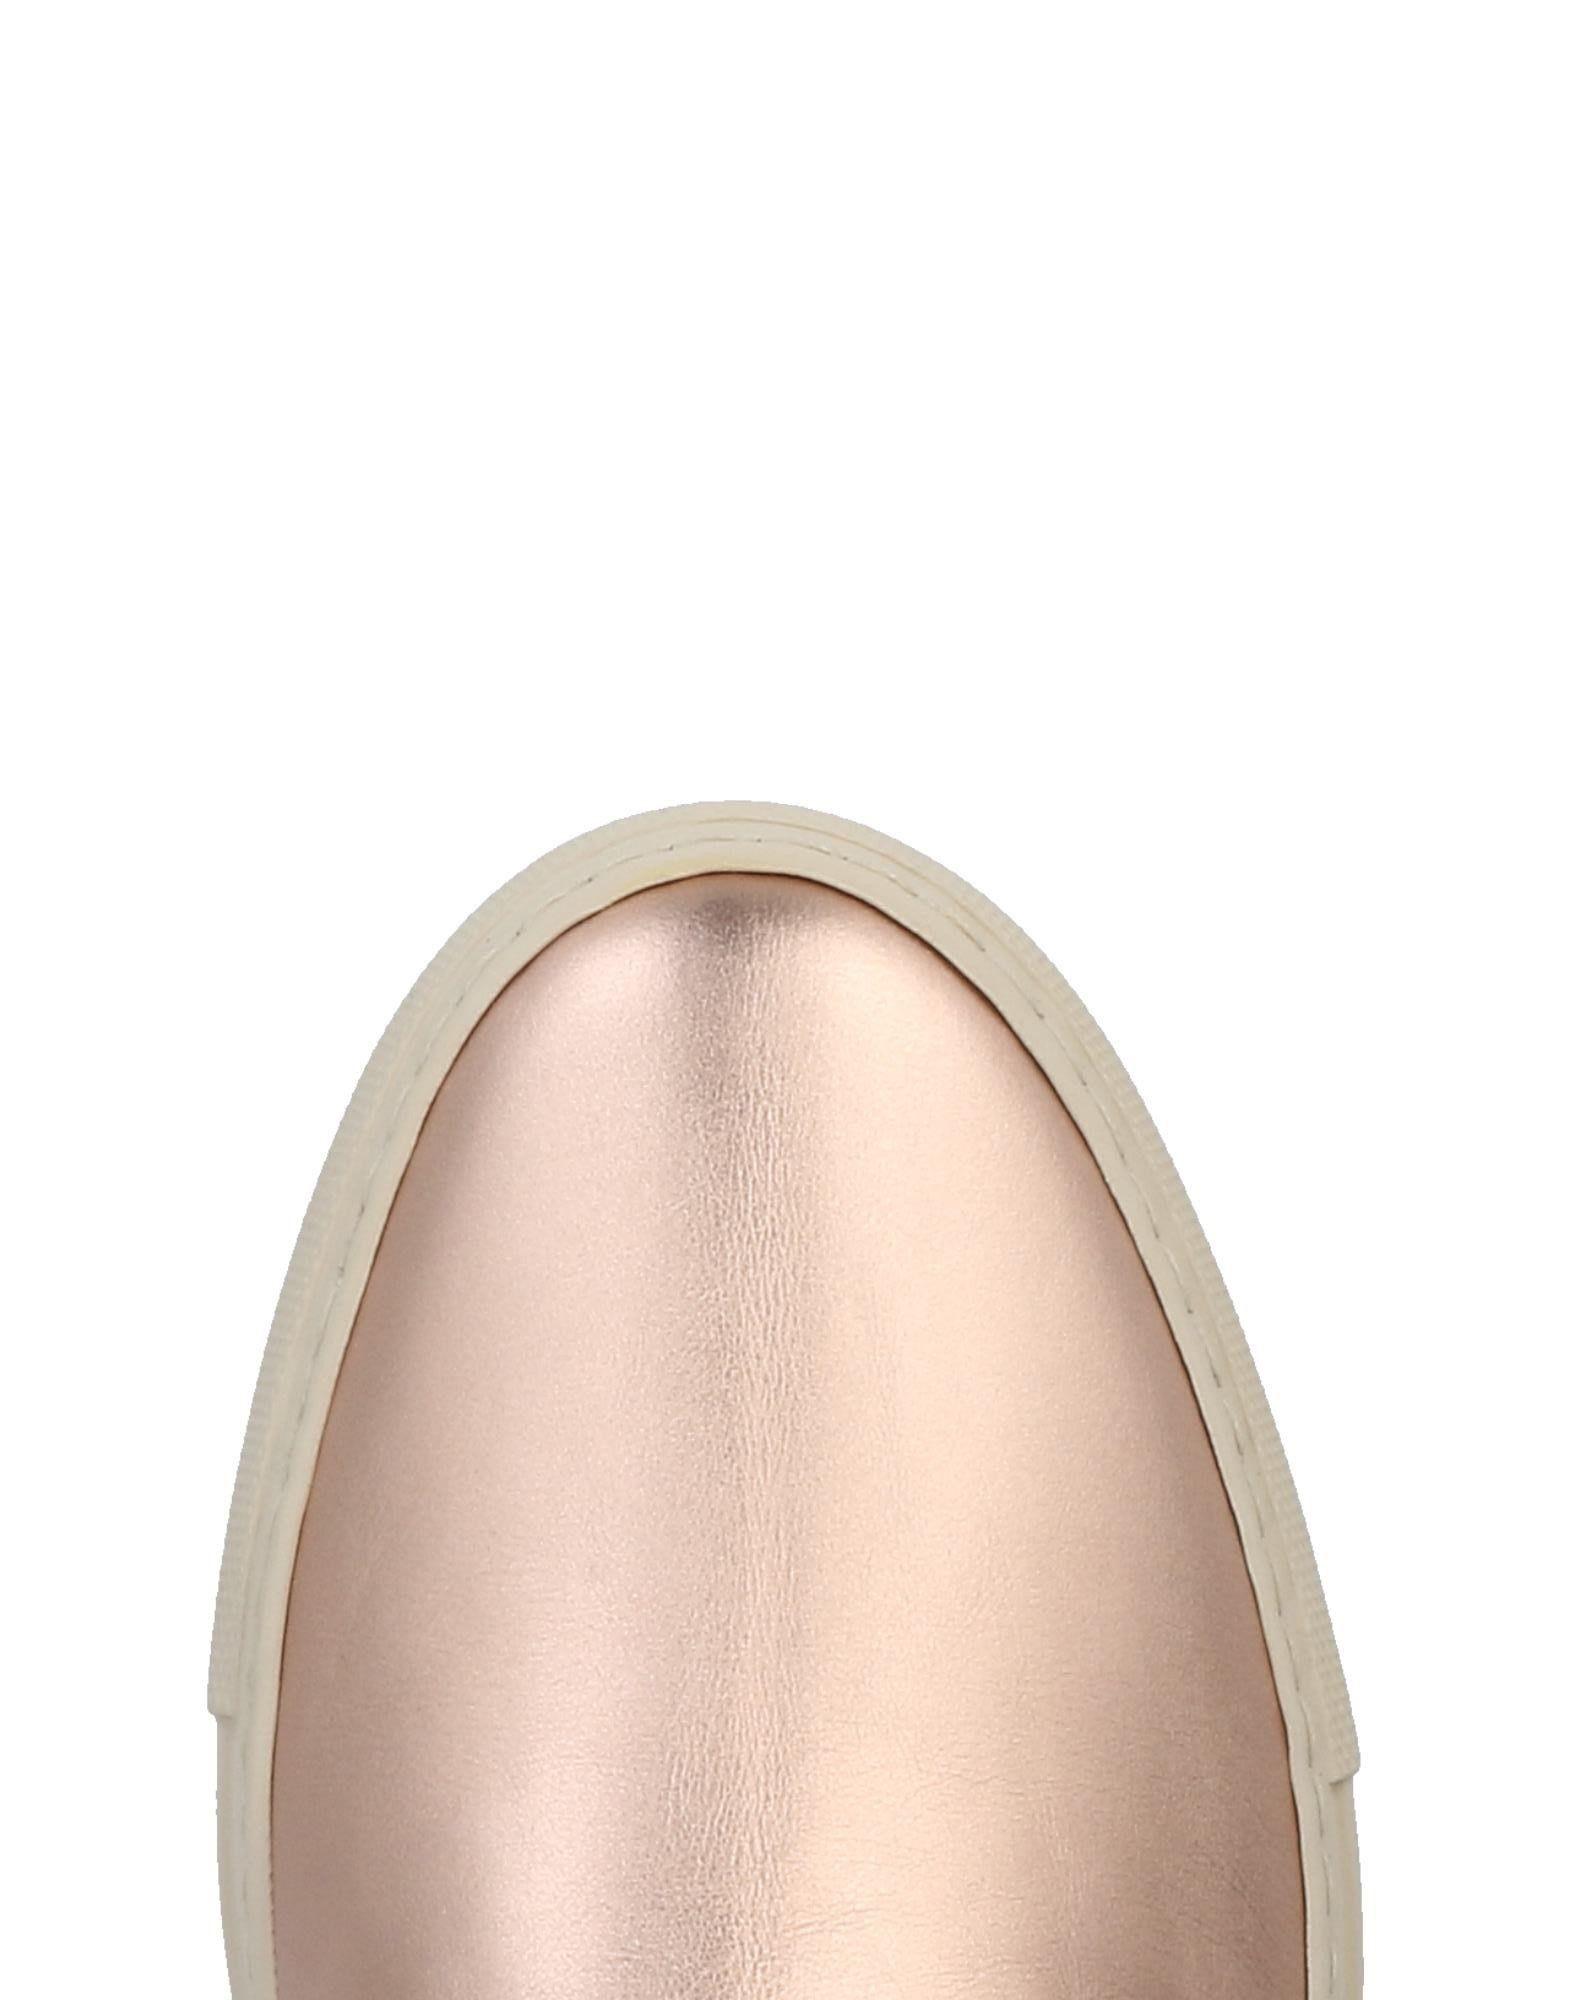 Stilvolle billige Sneakers Schuhe Woman By Common Projects Sneakers billige Damen  11430341BP 82bca1